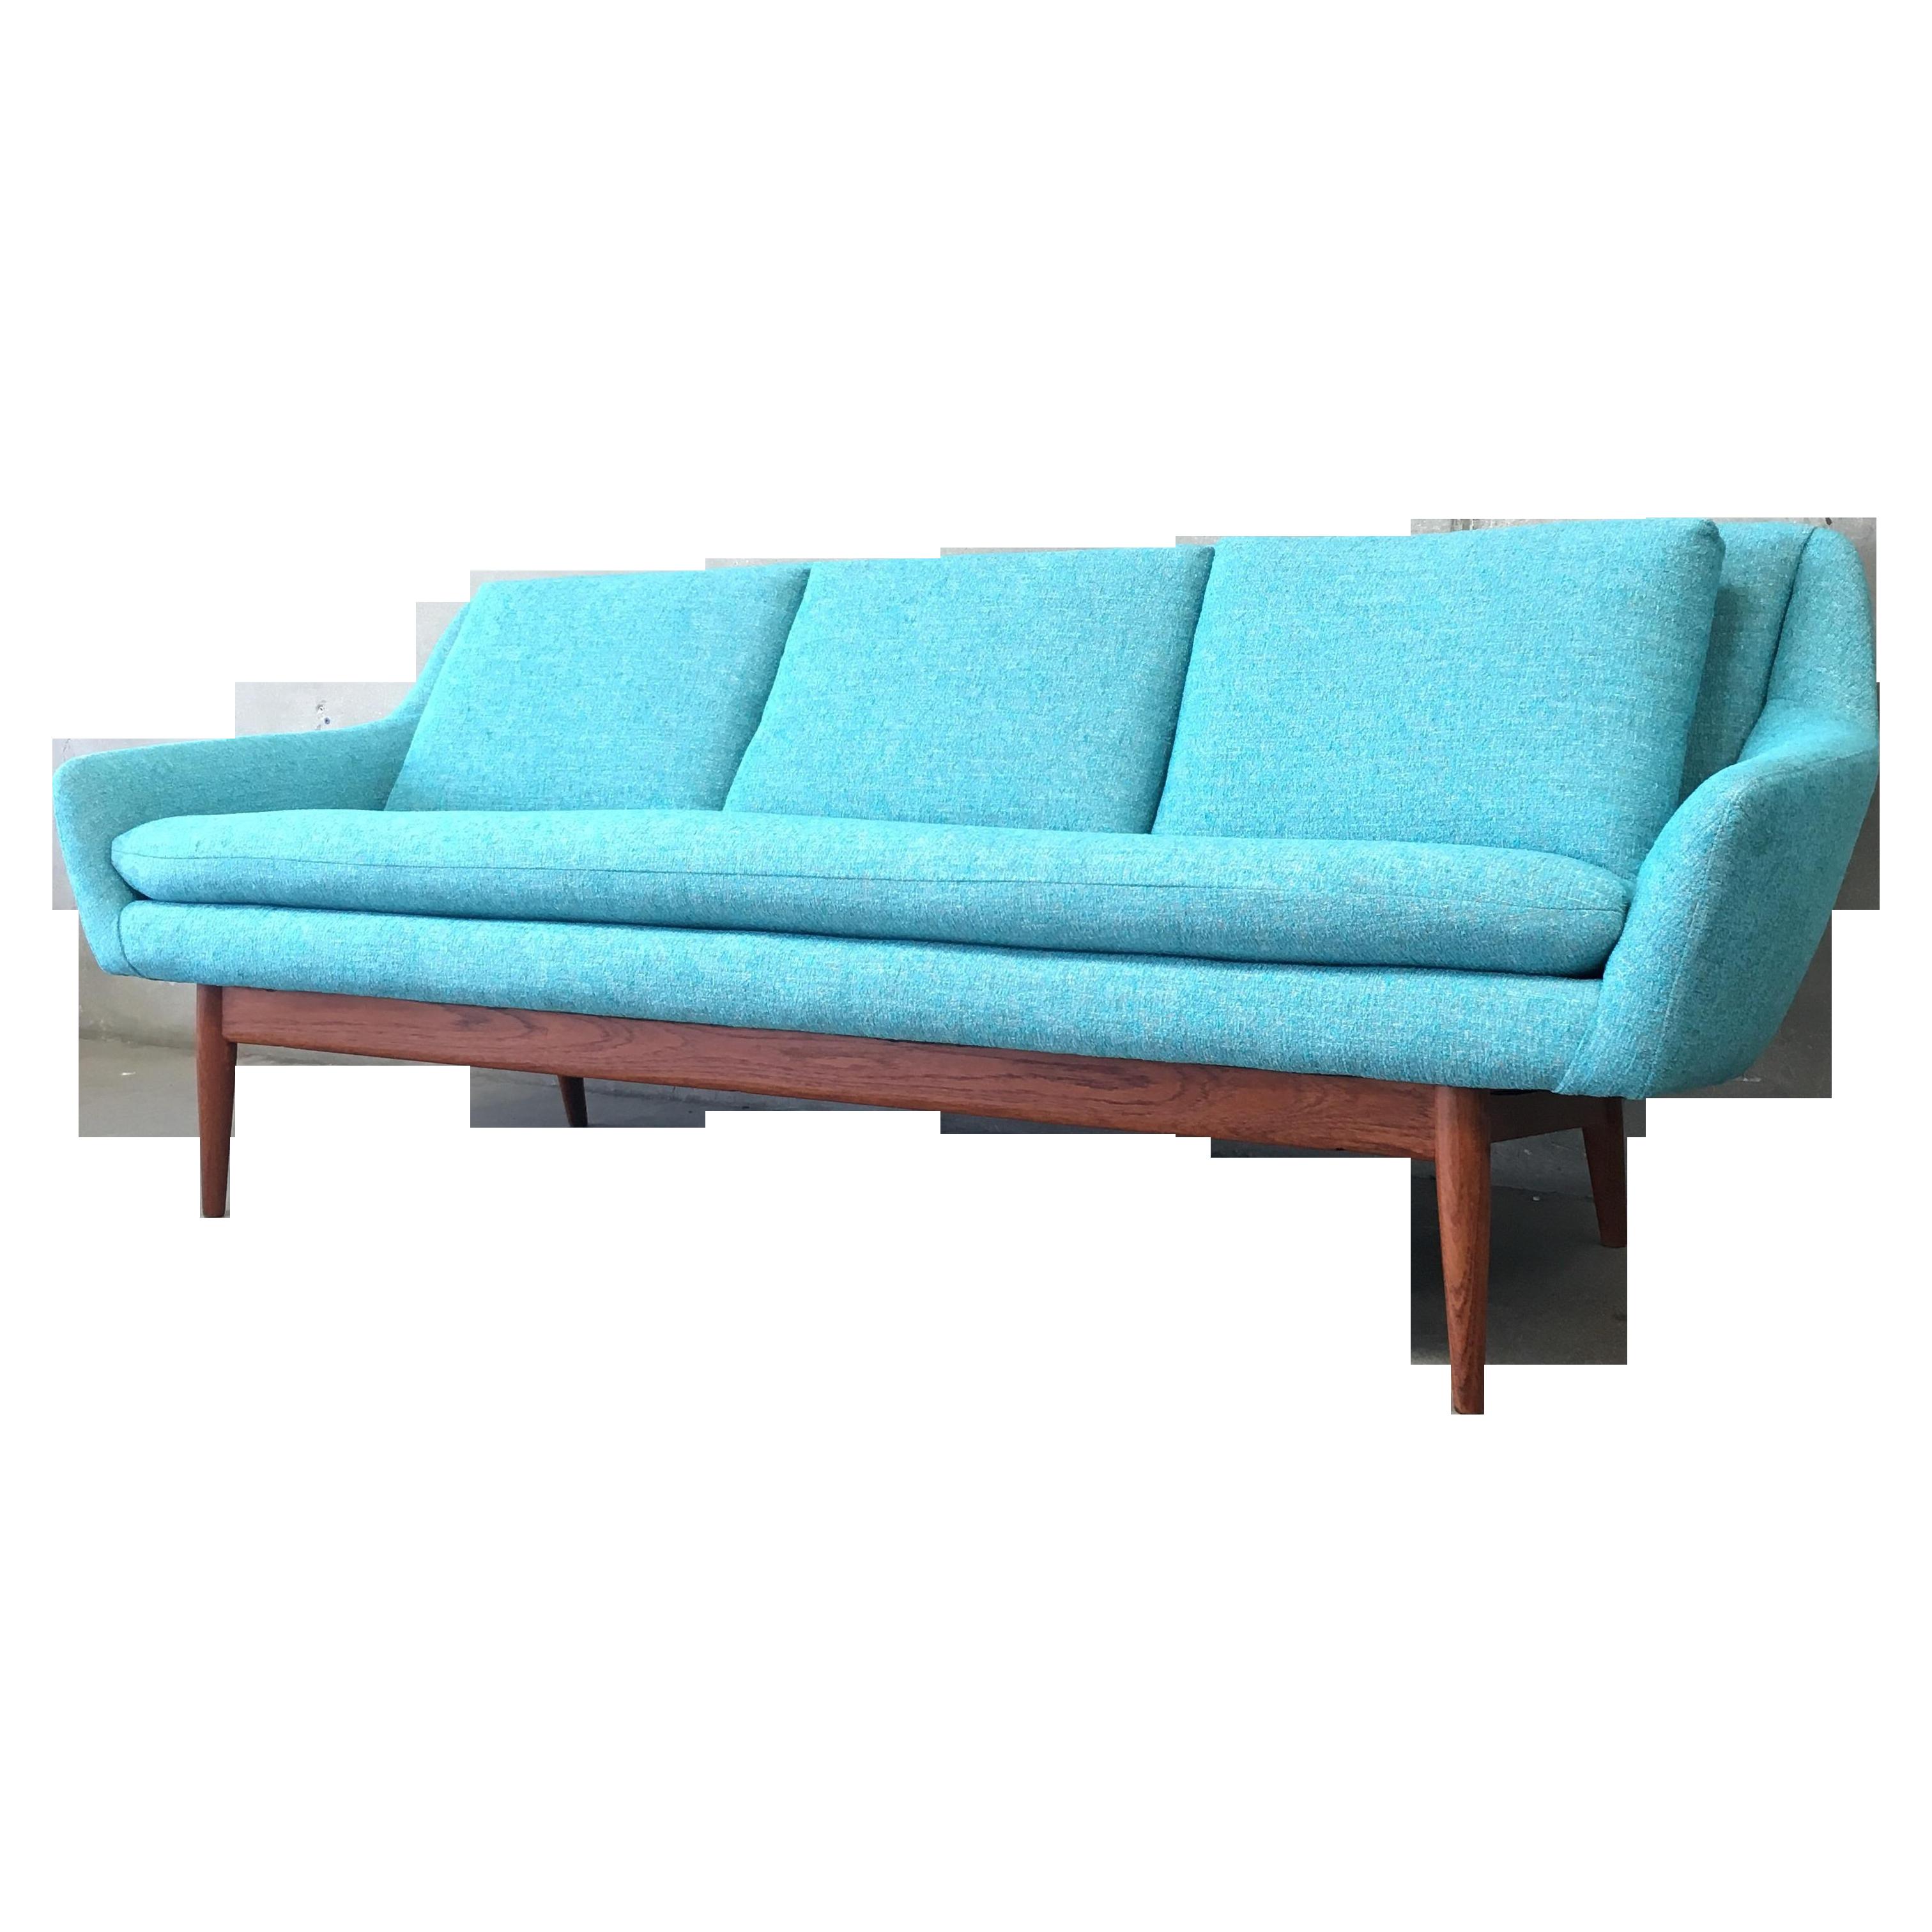 Danish Modern Turquoise Sofa Chairish